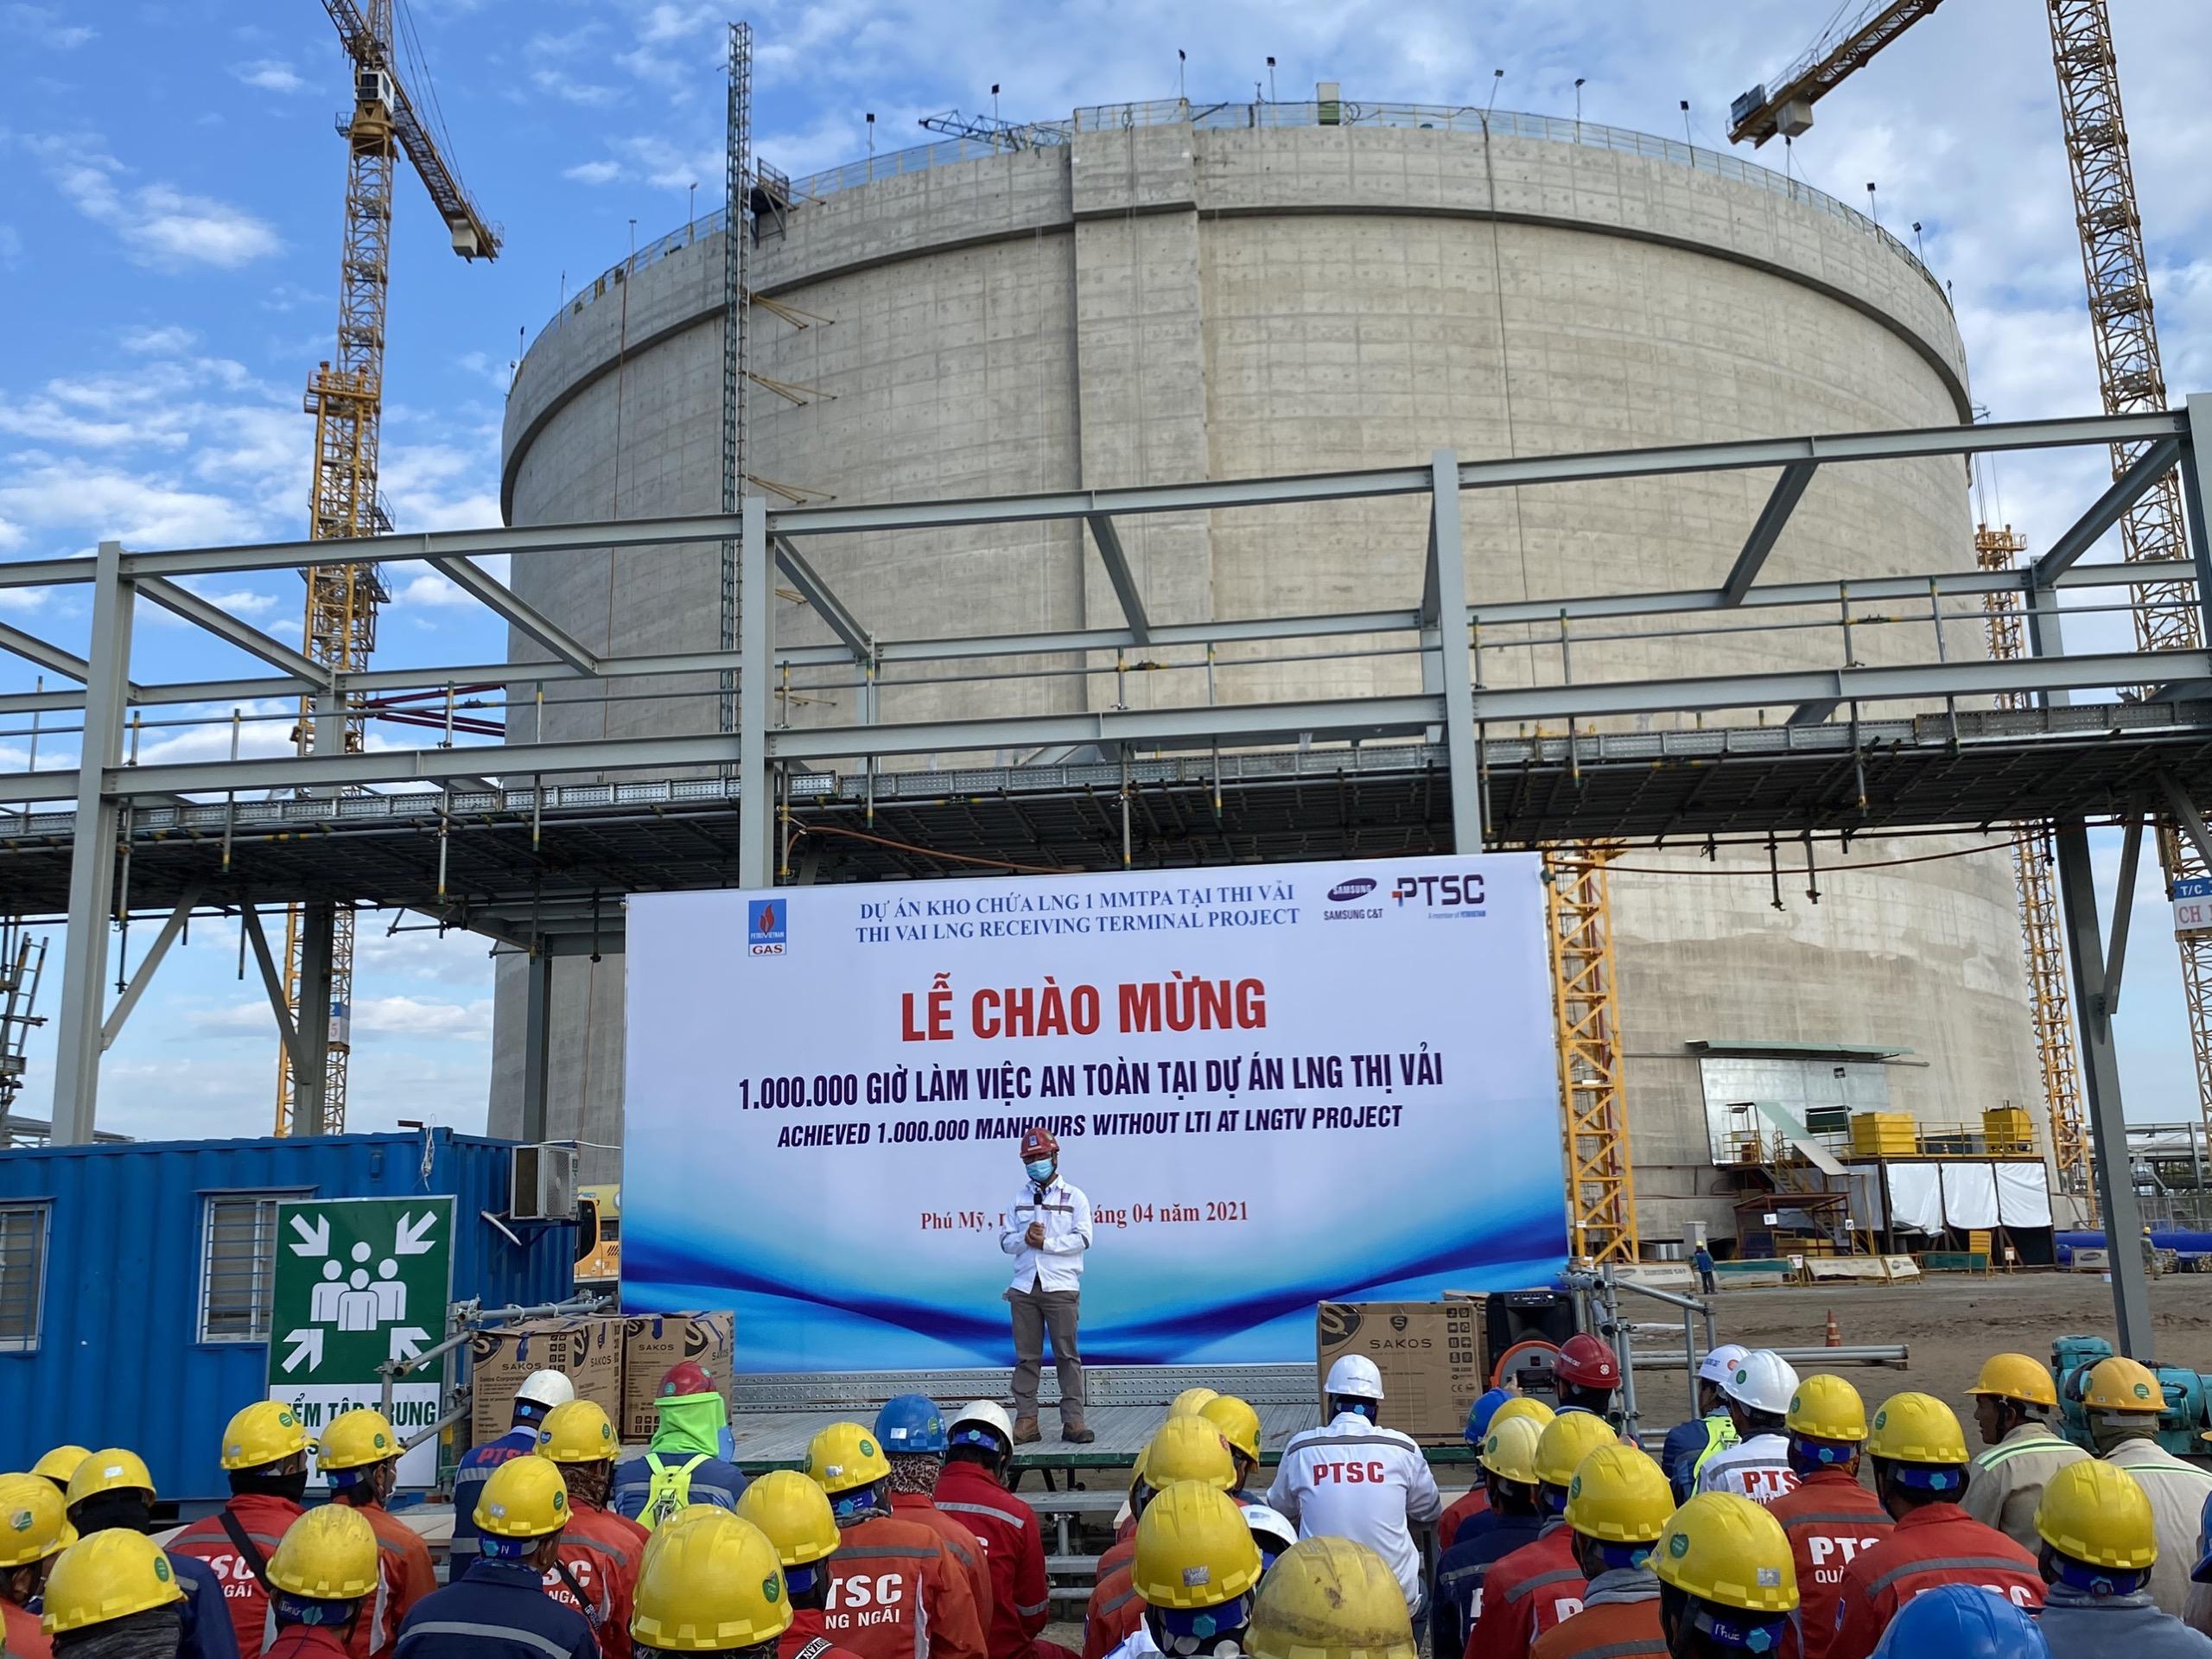 Quang cảnh Lễ Chào mừng mốc 1 triệu giờ làm việc an toàn tại Dự án Kho chứa 1 triệu tấn LNG tại Thị Vải